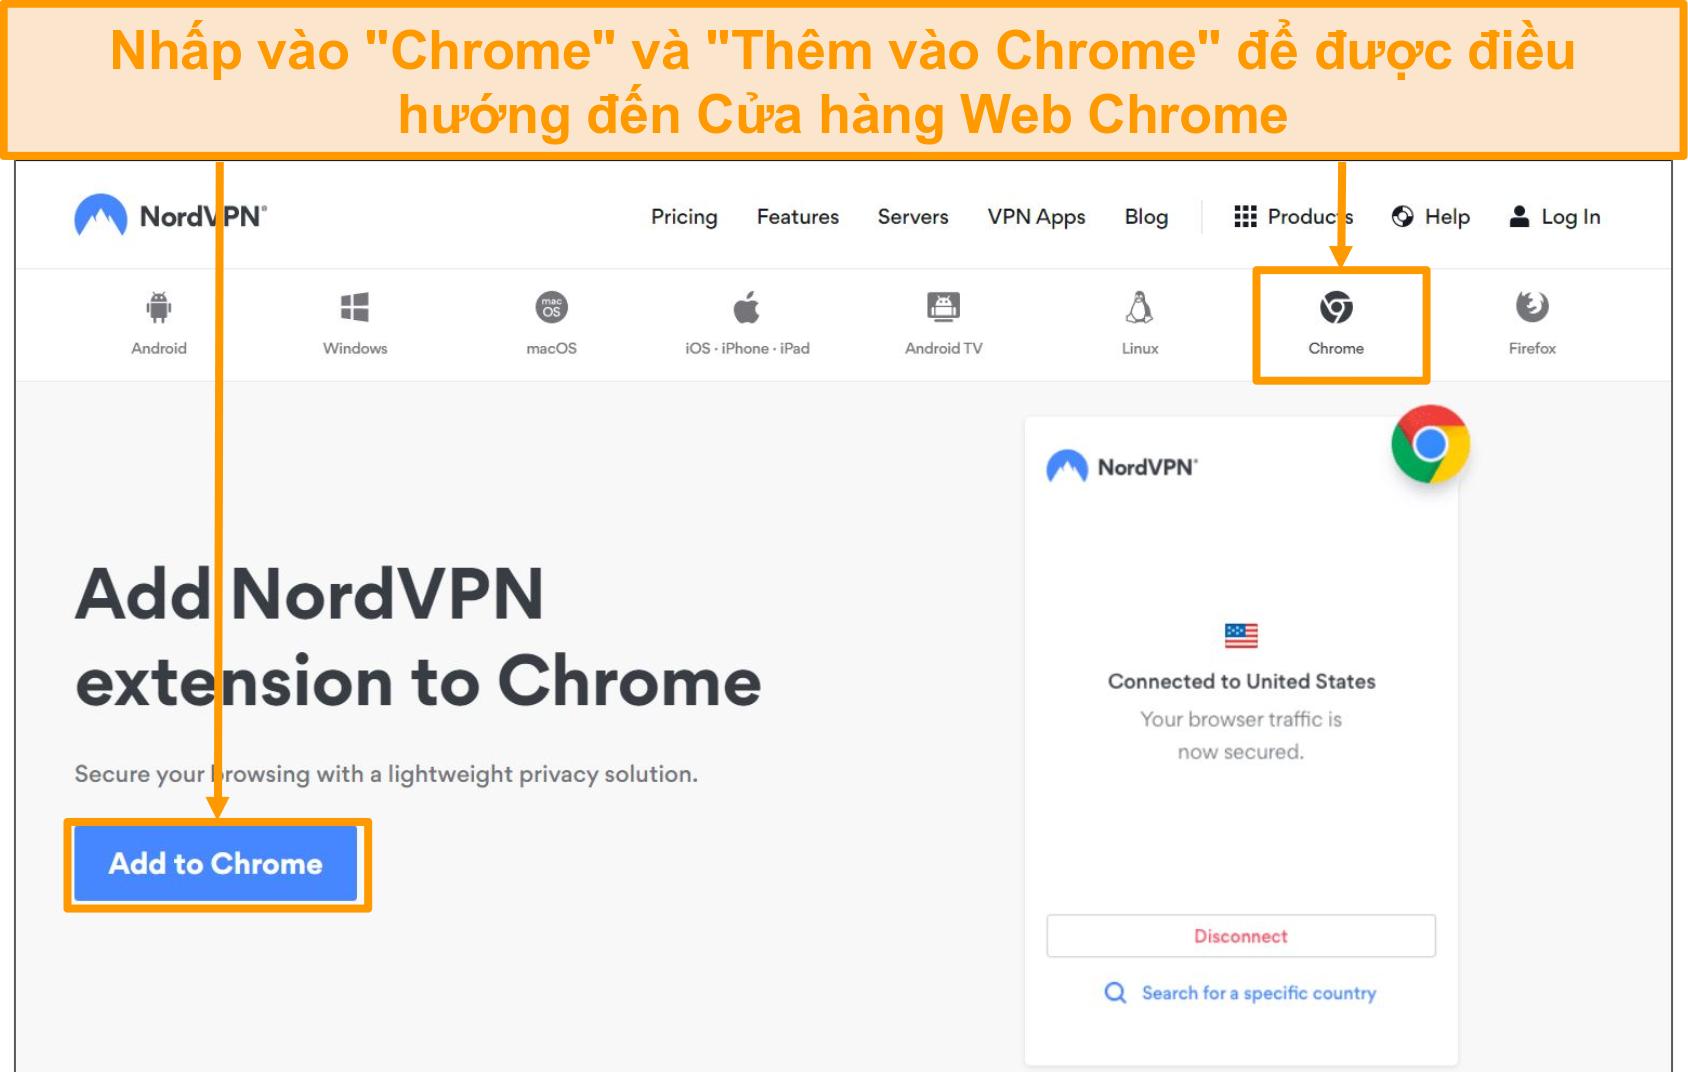 Ảnh chụp màn hình cài đặt trình duyệt NordVPN Chrome.